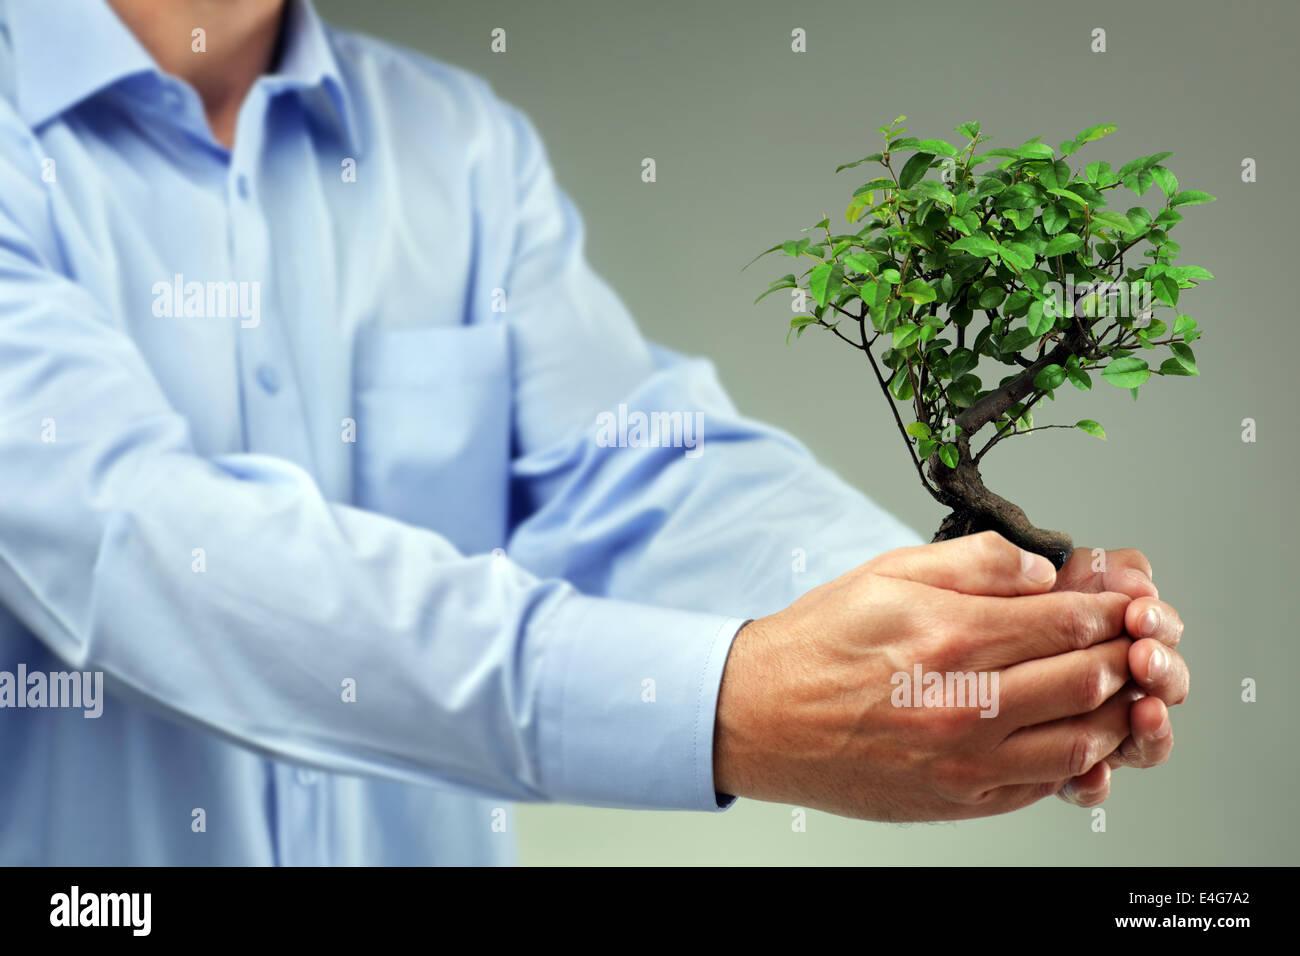 Teniendo cuidado de nuevo desarrollo Imagen De Stock